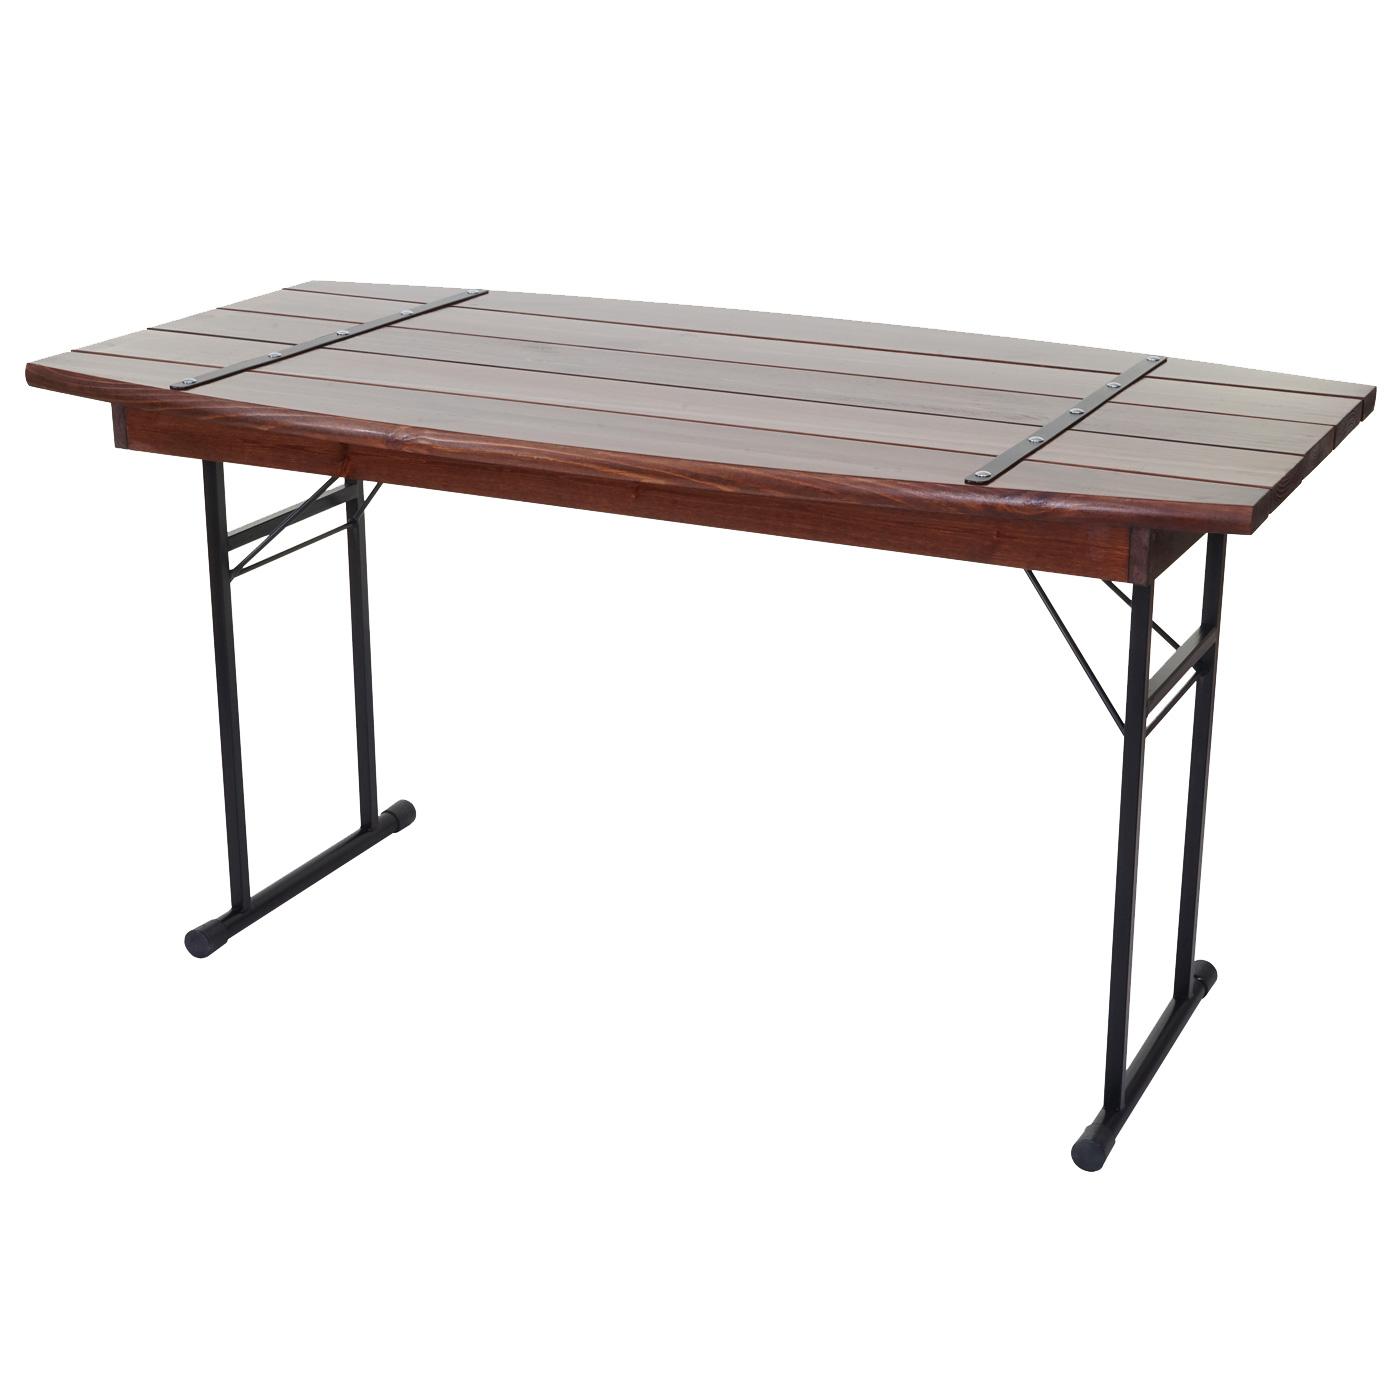 Gartentisch klappbar  Tisch Steyr, Biertisch Gartentisch, klappbar 148cm